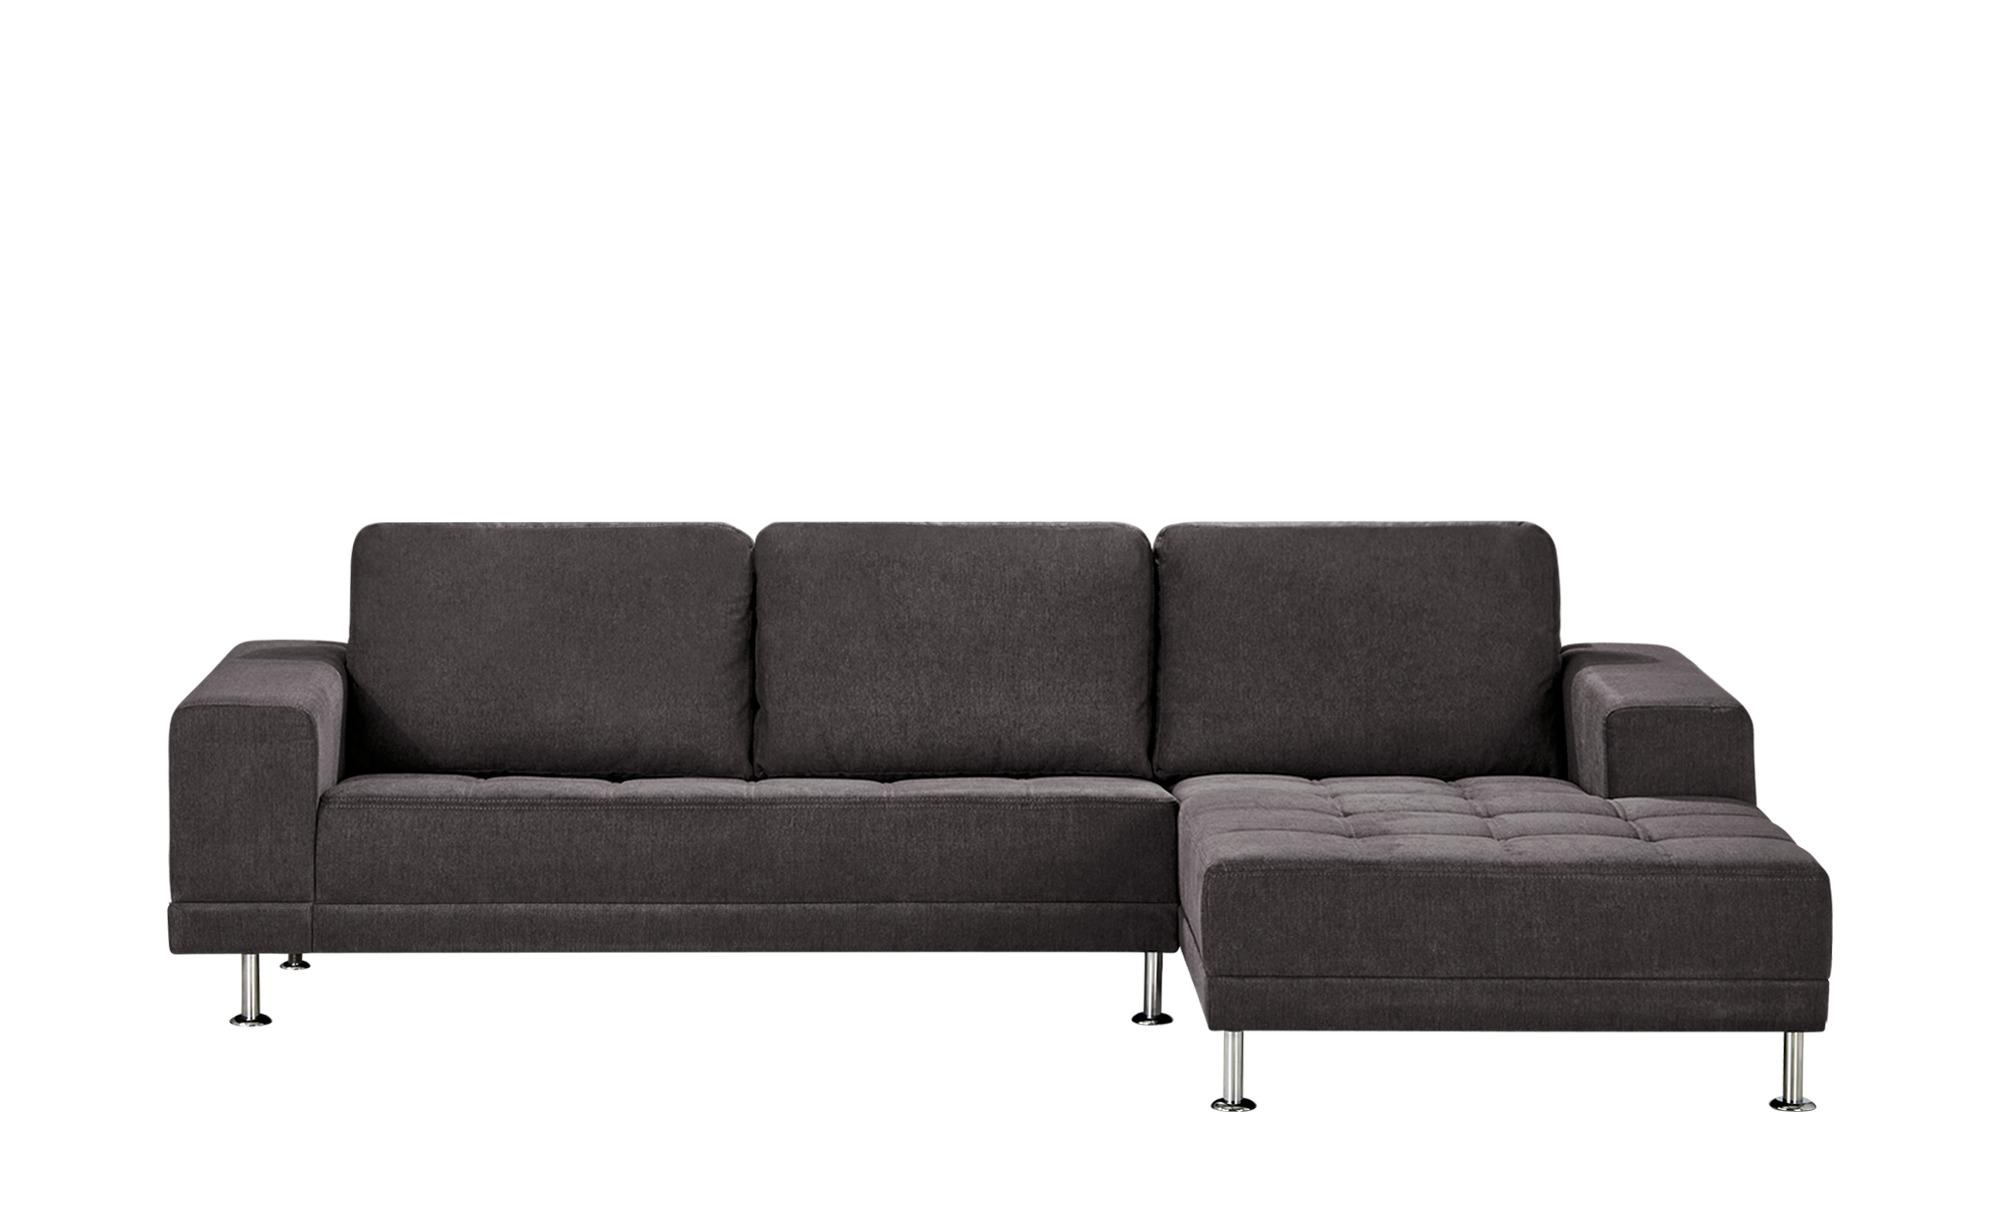 Smart ecksofa garda breite h he 83 cm grau online kaufen for Ecksofa breite 200 cm